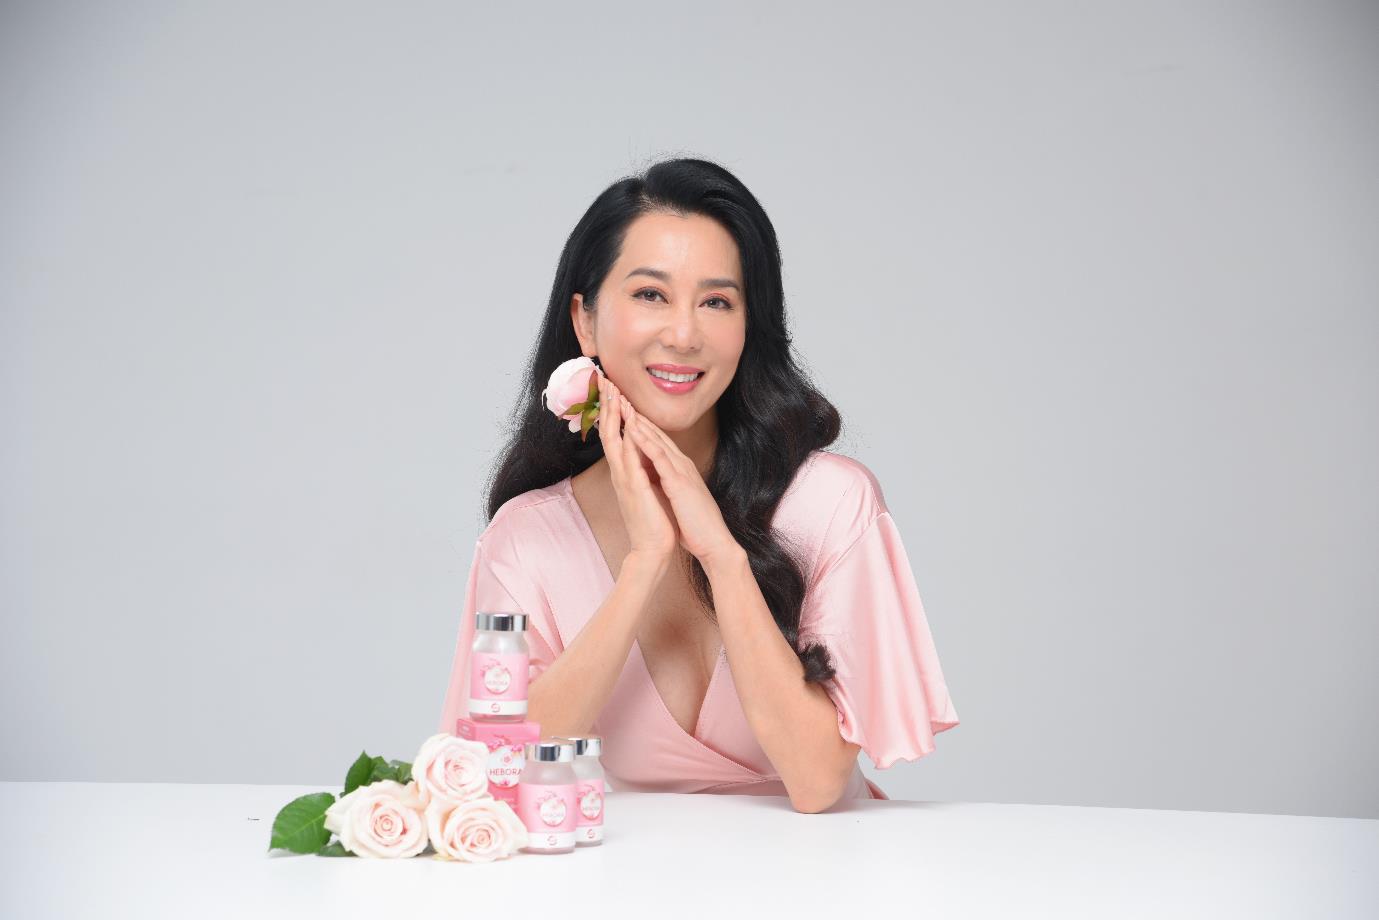 MC Nguyễn Cao Kỳ Duyên xinh đẹp rạng rỡ trong buổi ký kết đại sứ thương hiệu Hebora với BEHE Việt Nam - Ảnh 2.